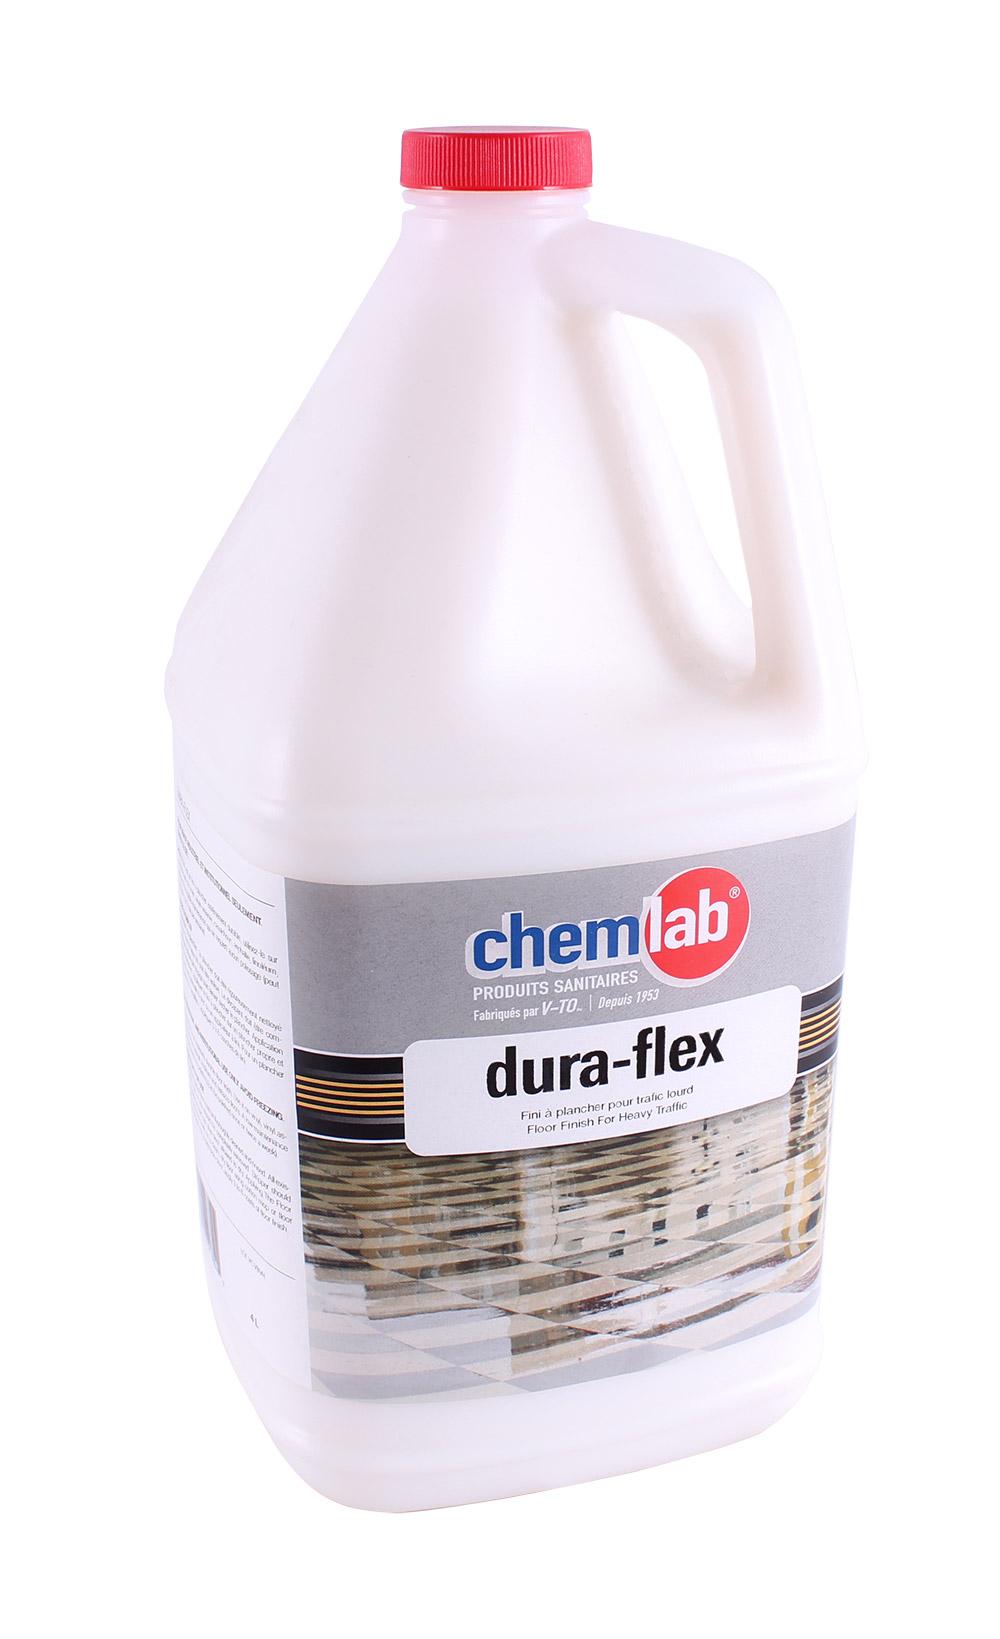 Dura-flex – Fini à plancher très durable (Conc. 25%)